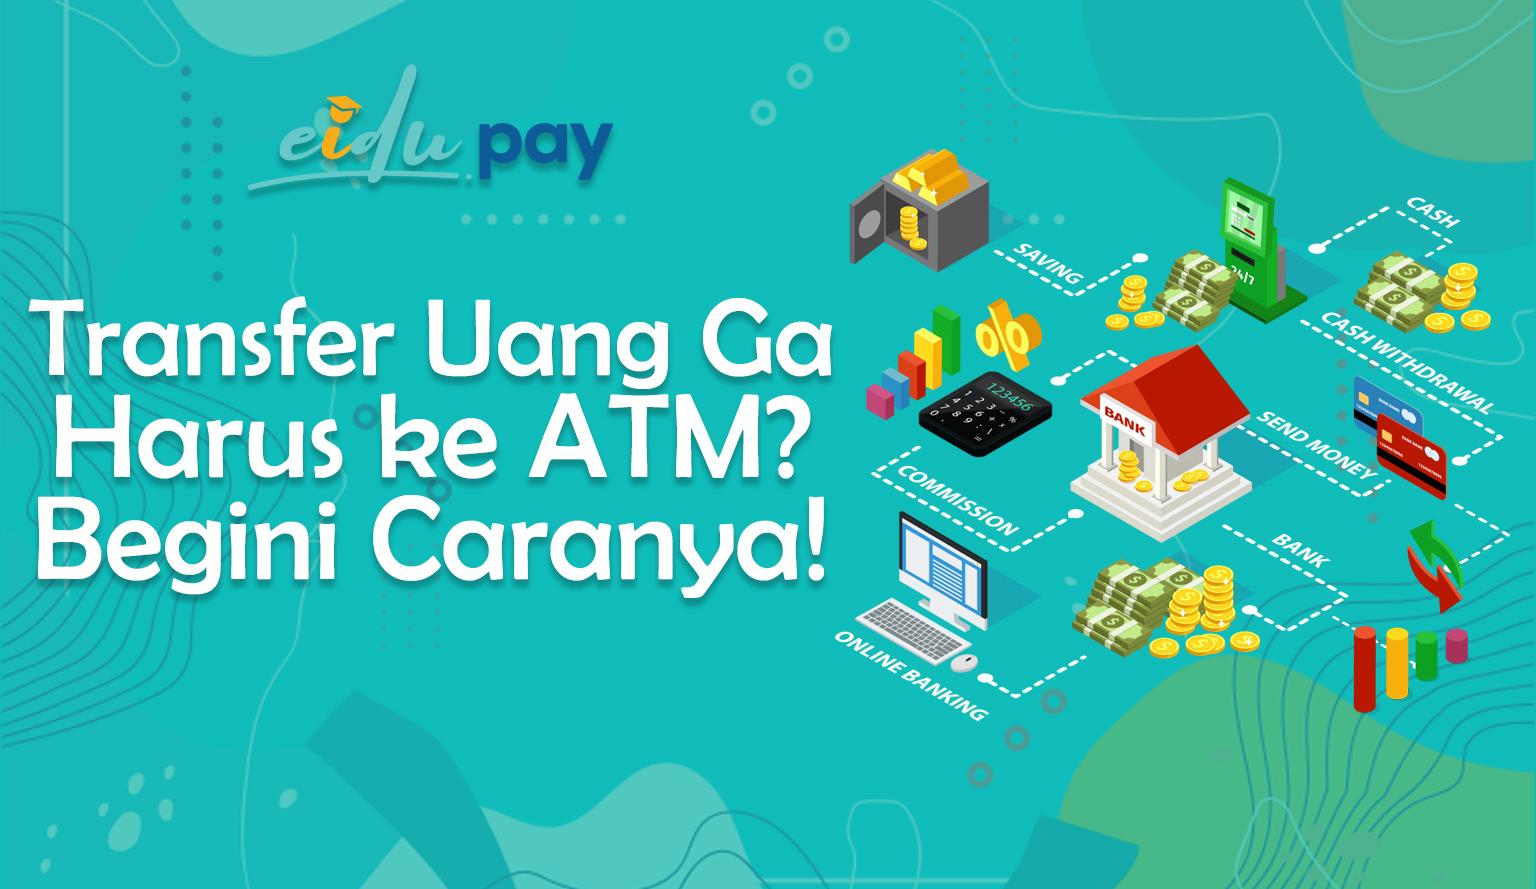 Transfer Uang Ga Harus ke ATM? Begini Caranya!